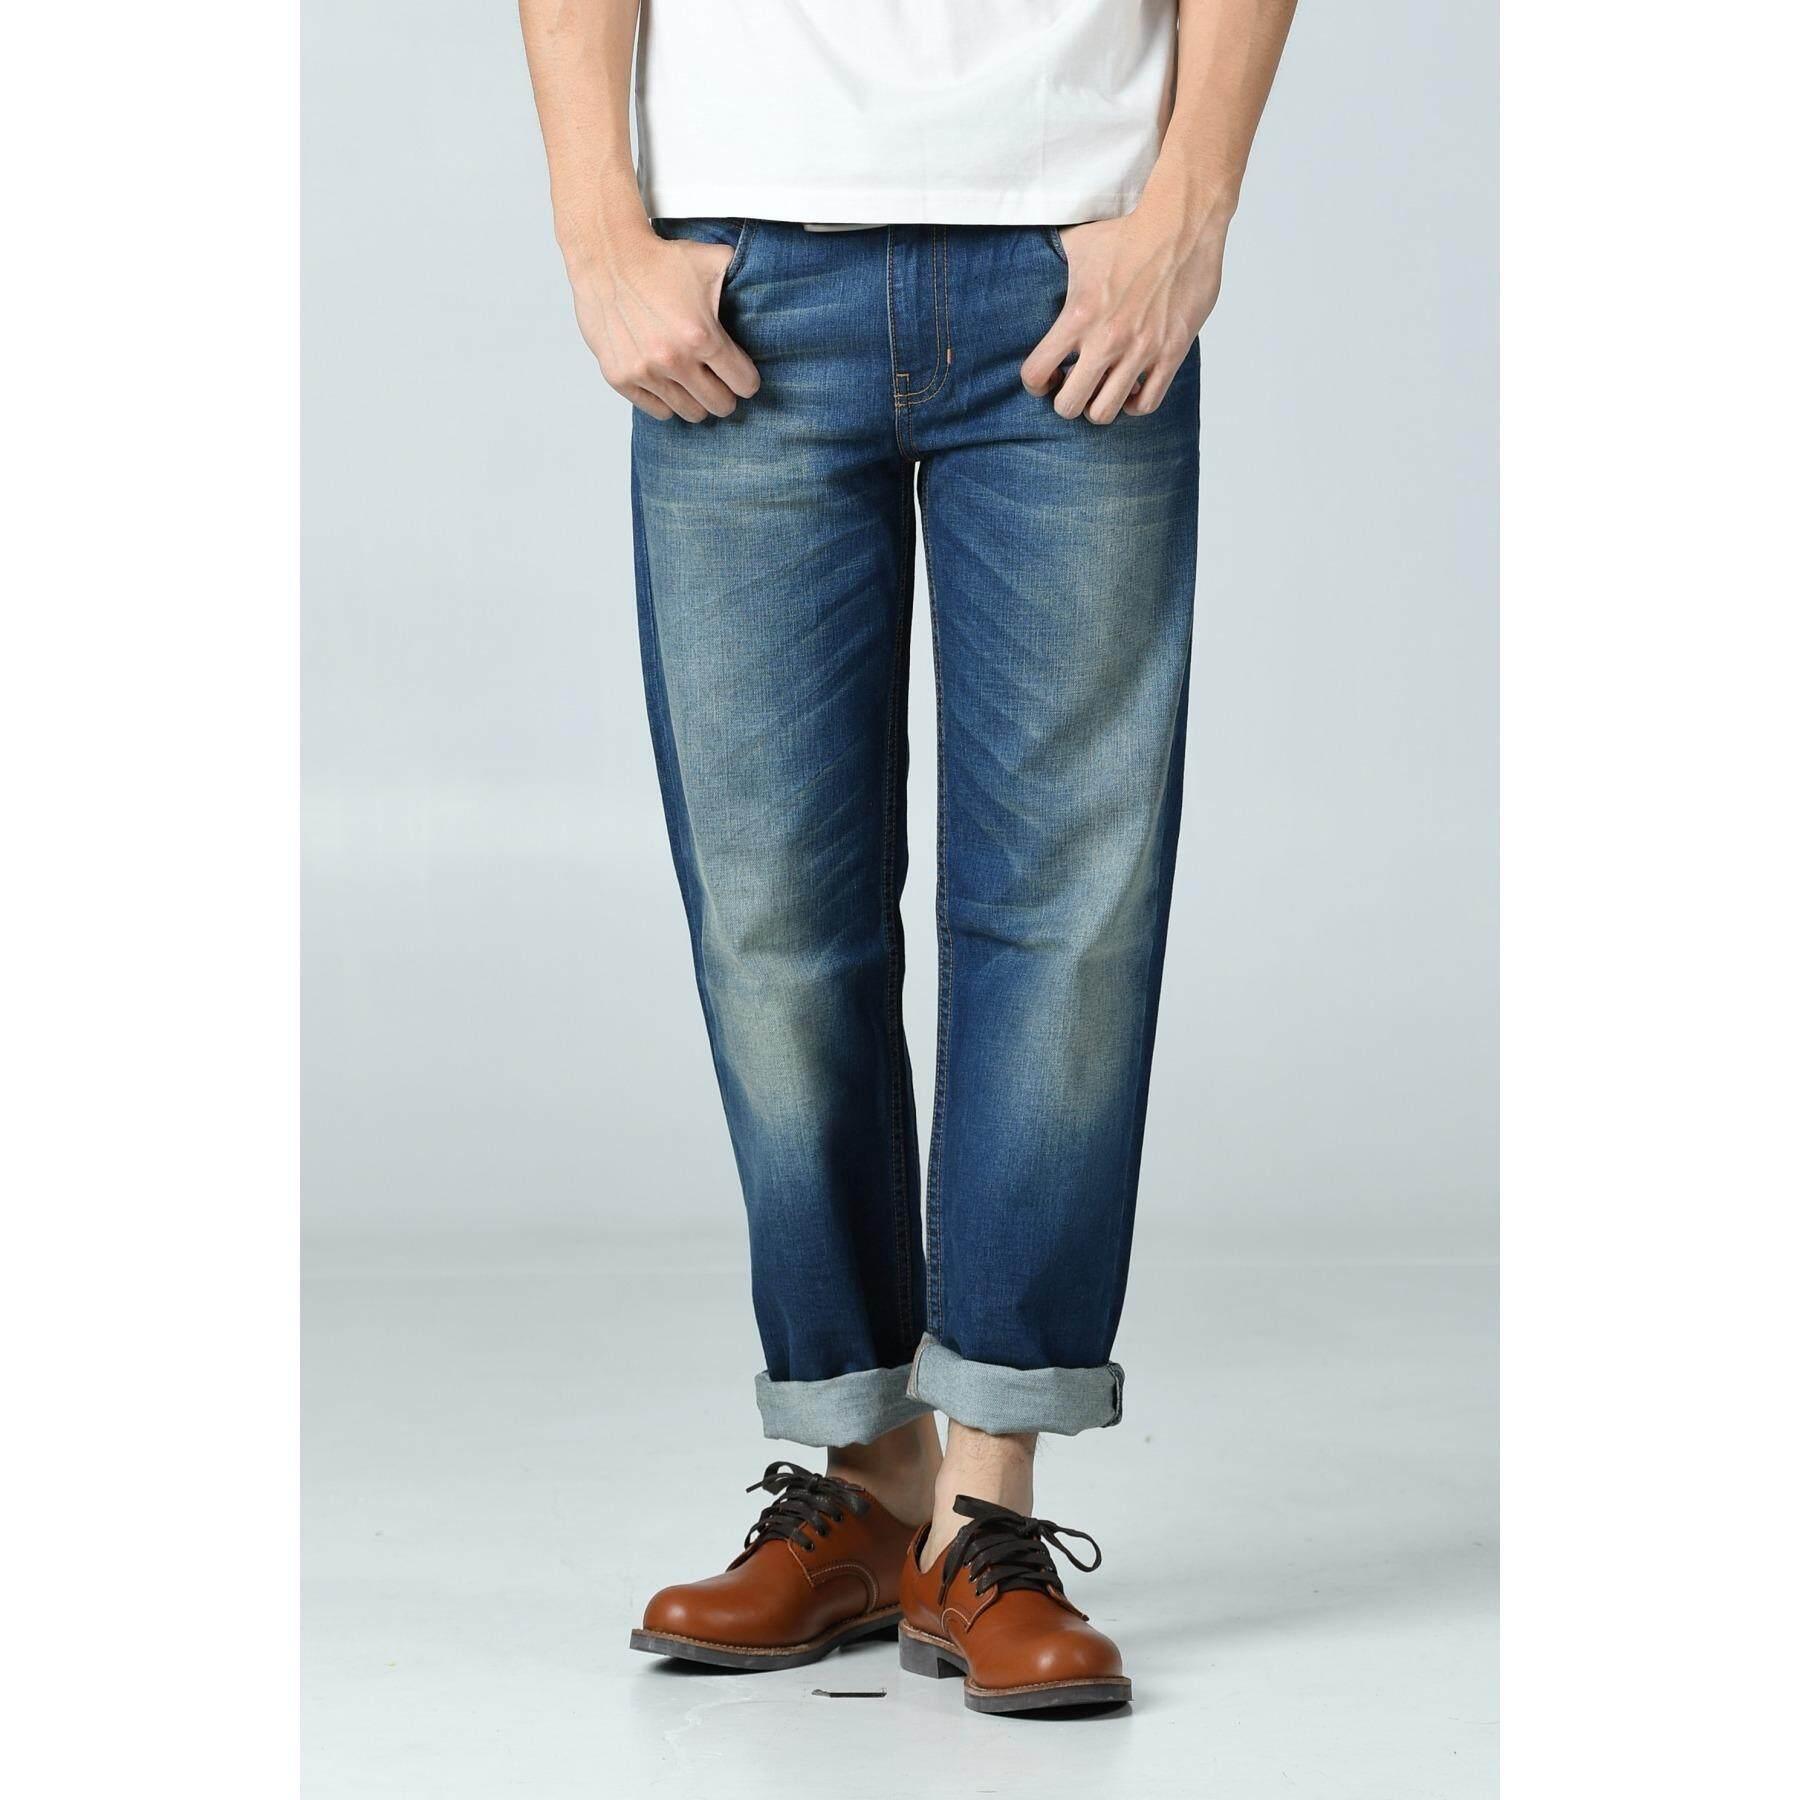 ส่วนลด Mc Jeans Straight Fit รุ่น Marp66900 ไทย